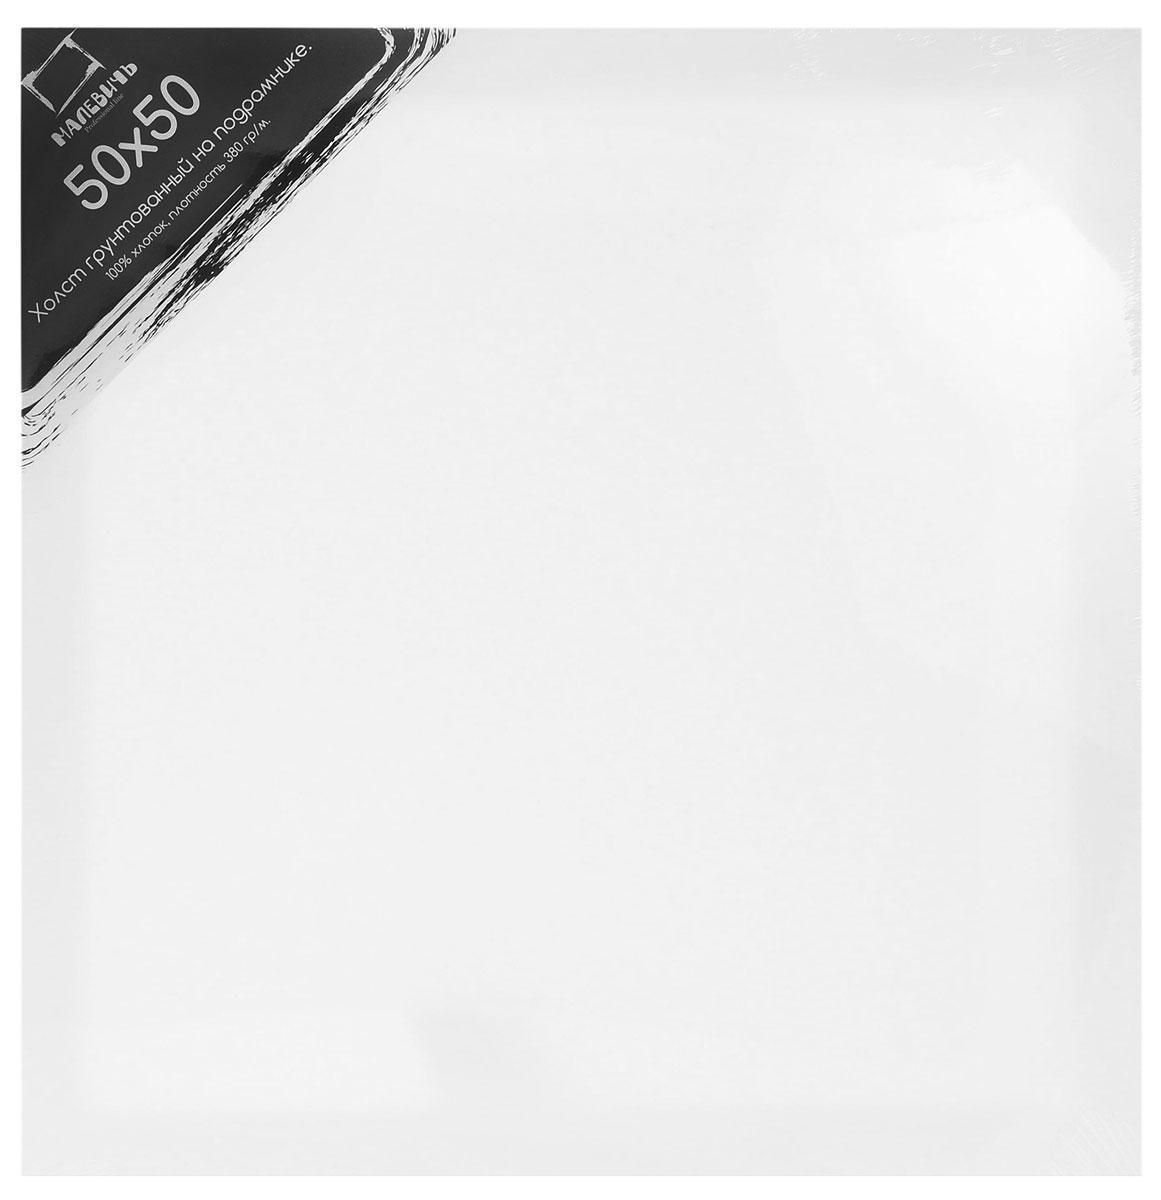 Малевичъ Холст на подрамнике 50 x 50 см 380 г/м2